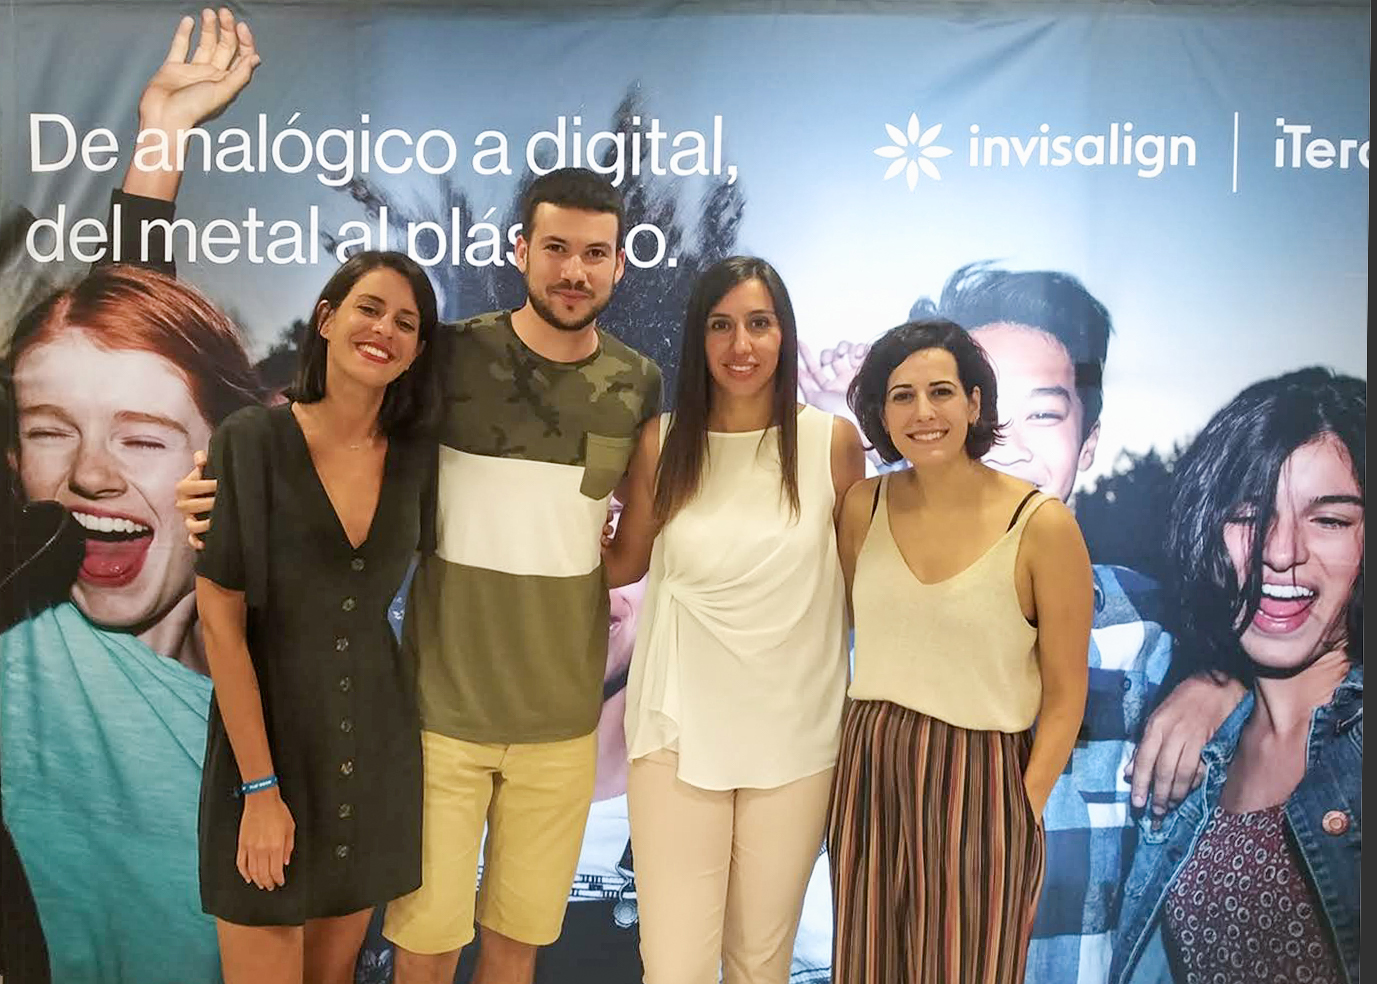 LOS JEFES DE ALINEACIÓN DE CENTROS ENLÍNEA ACUDEN A UNA STUDY CLUB OFRECIDA POR INVISALIGN